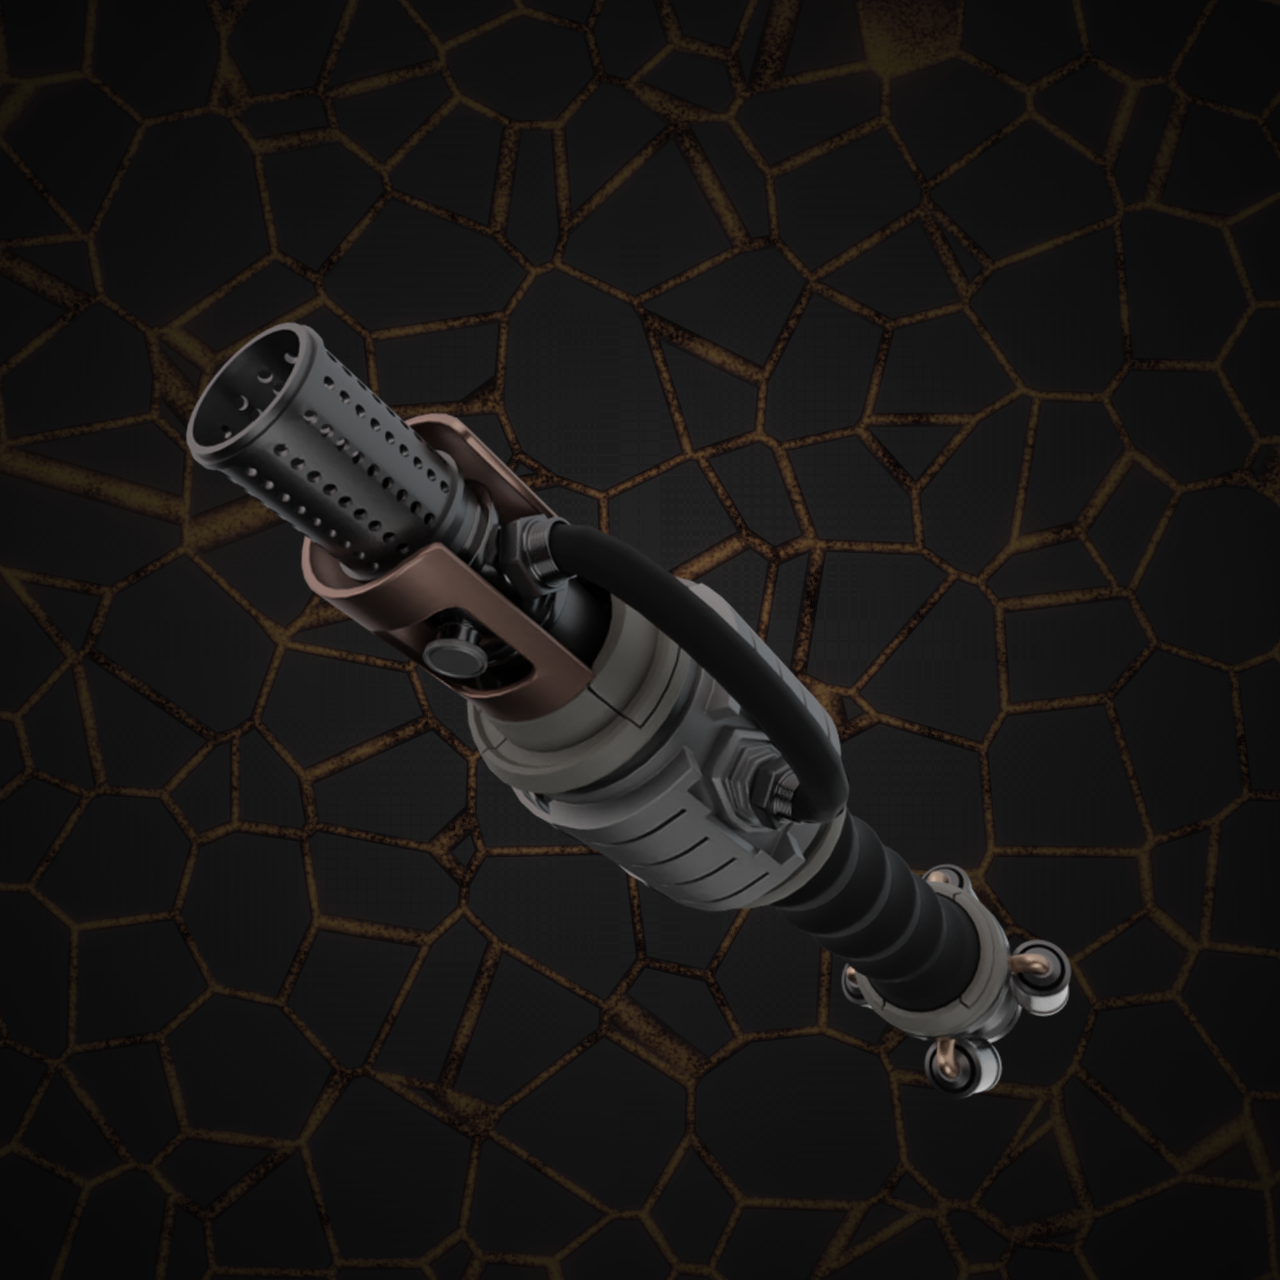 MC 02A - Fire